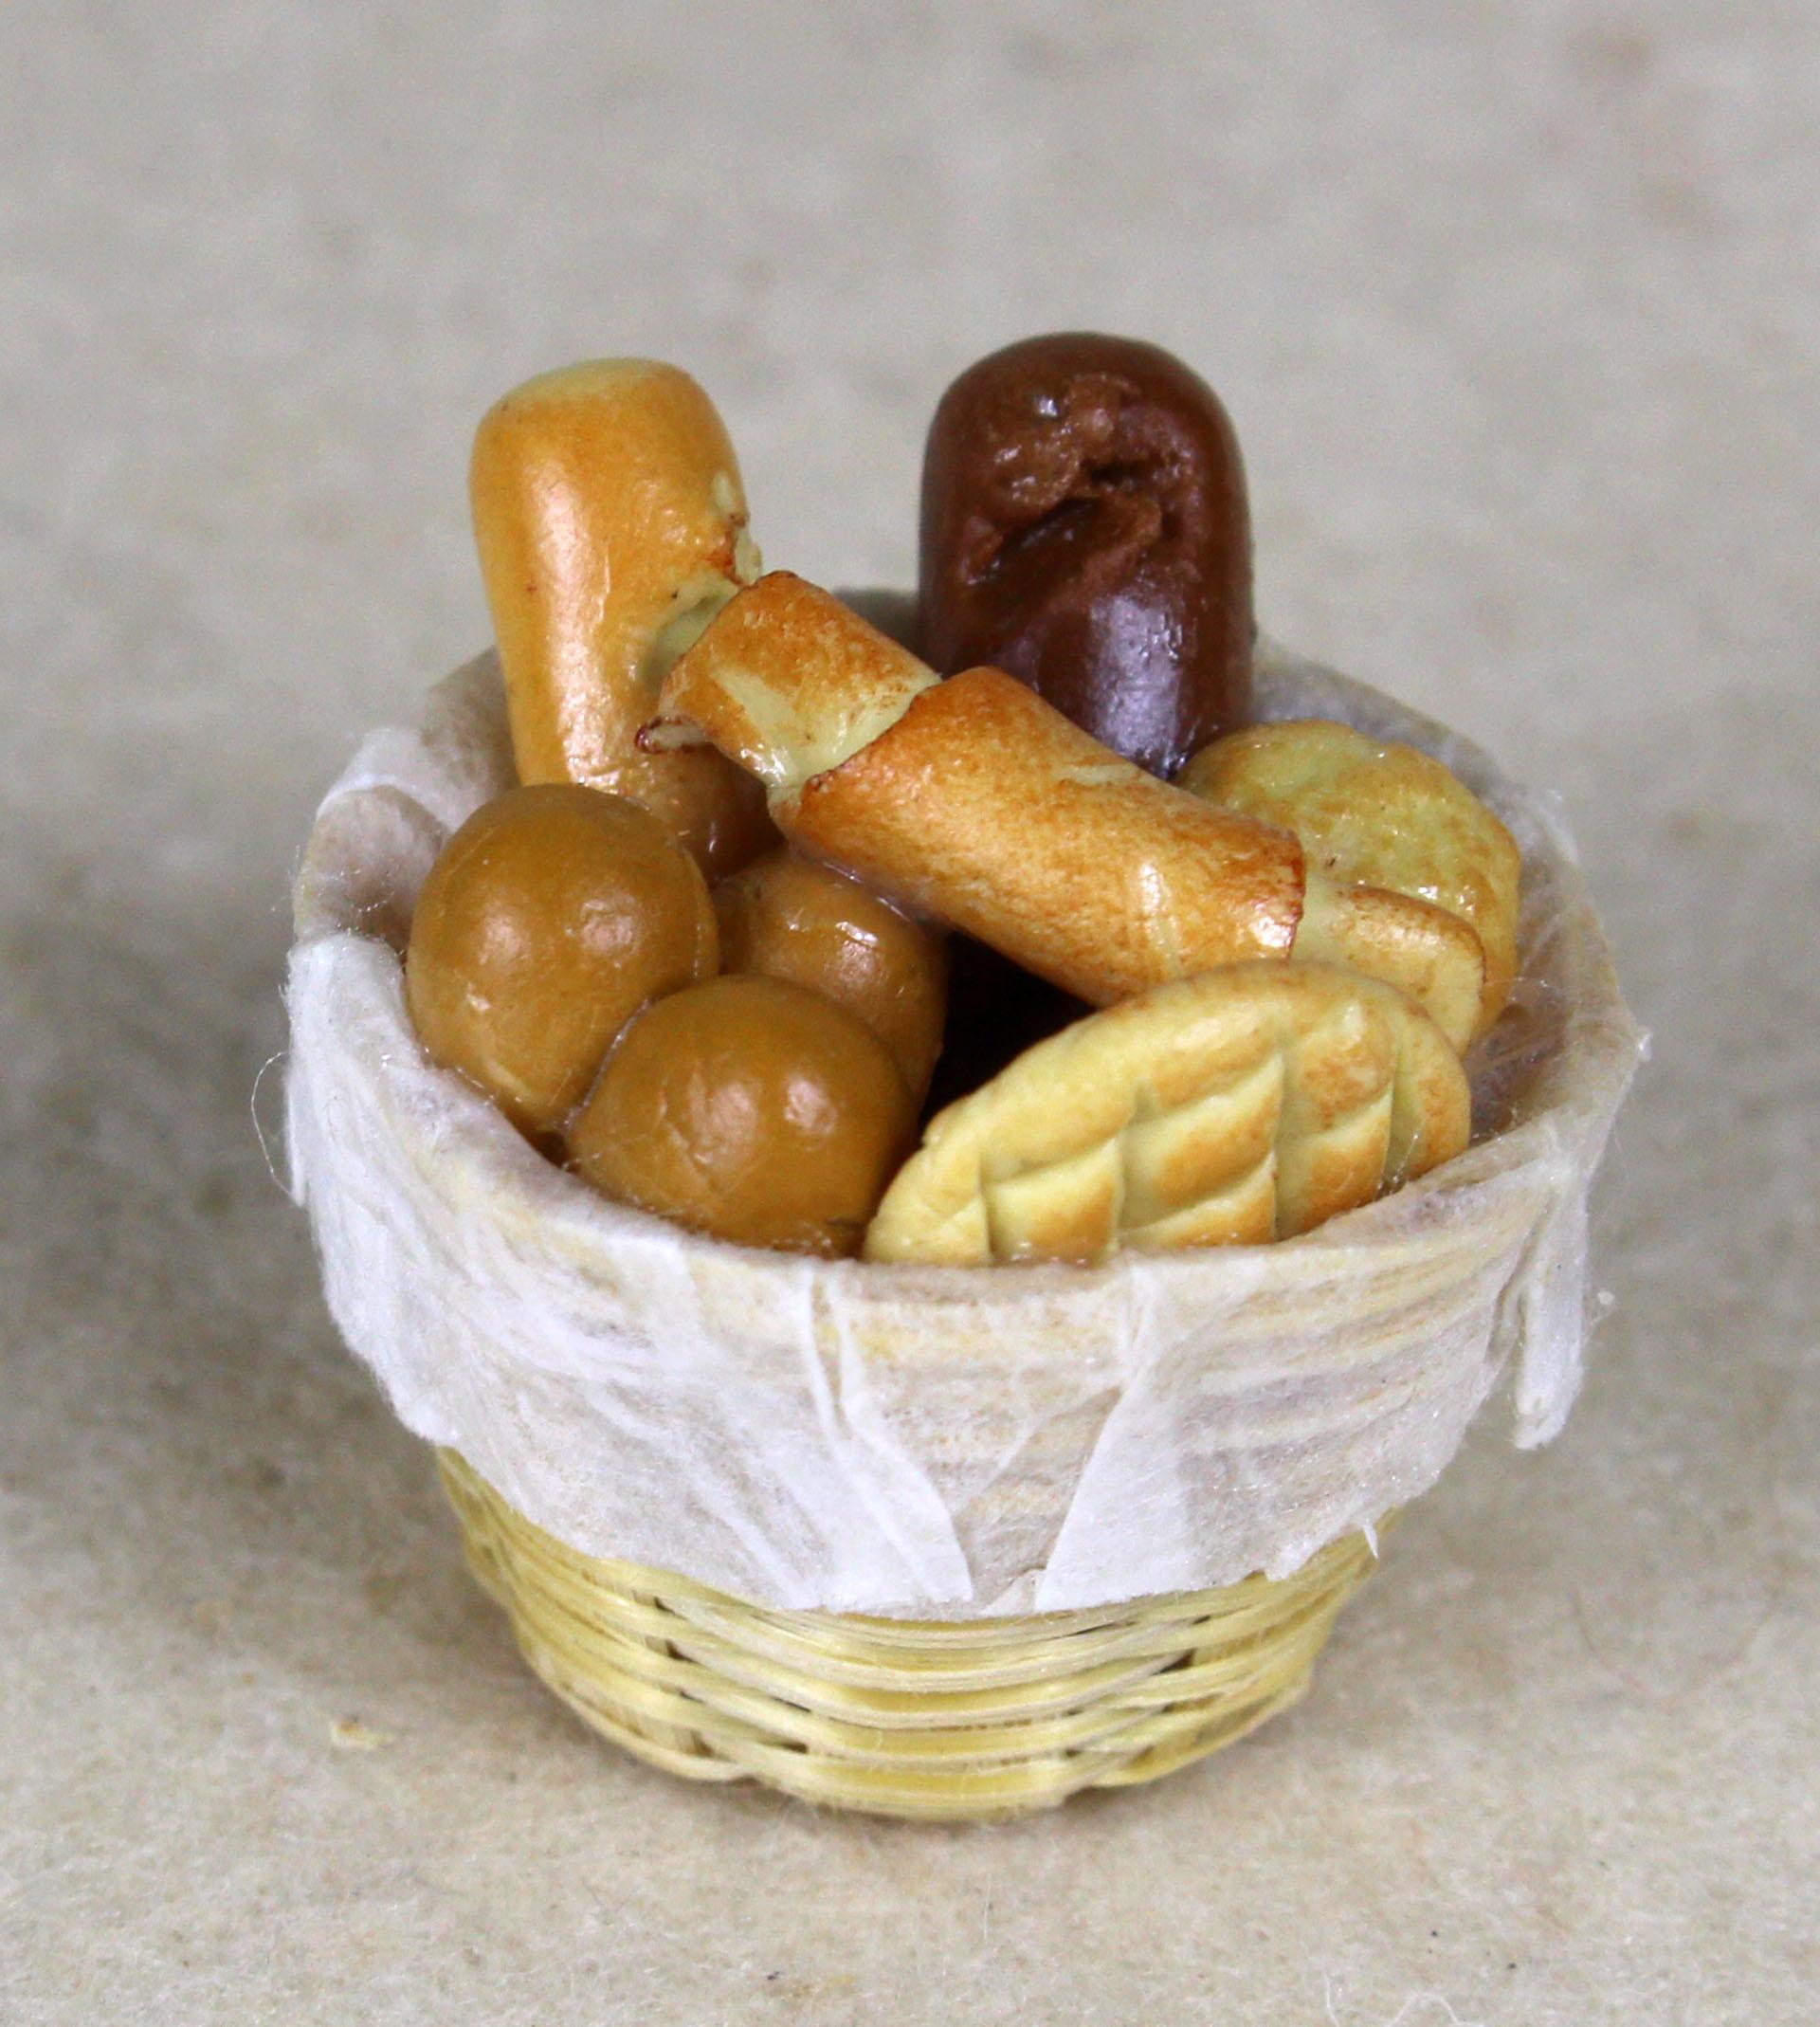 Brotkorb befüllt